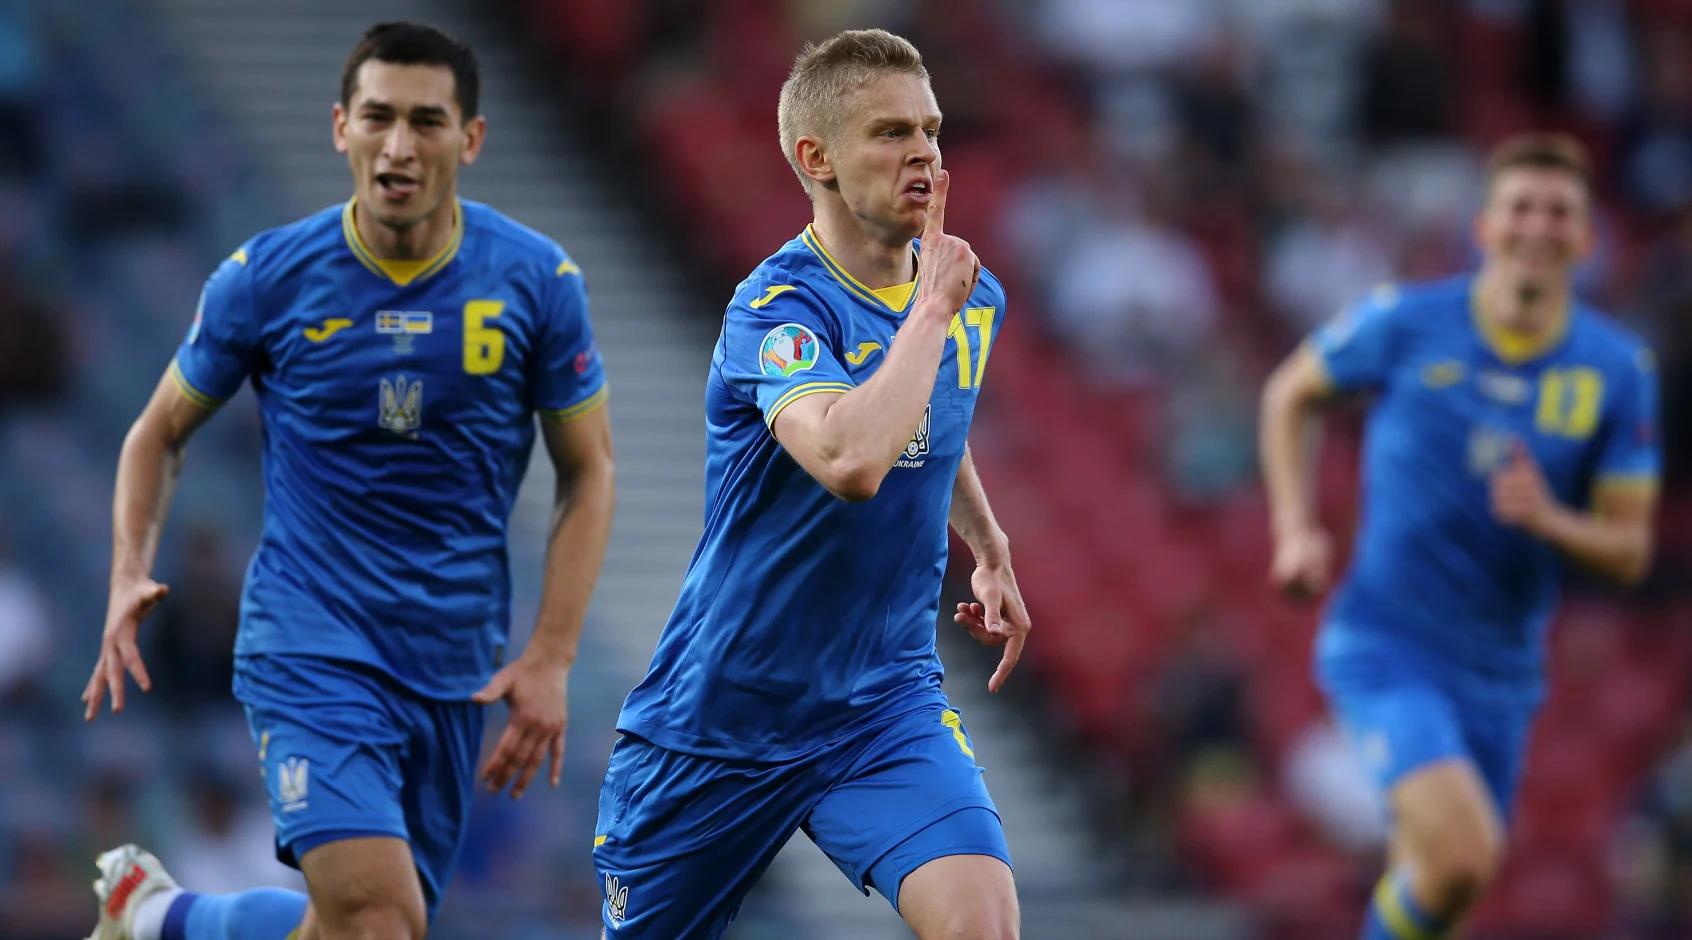 Украина одержала волевую победу над Швецией и впервые в истории прошла в 1/4 финала Евро